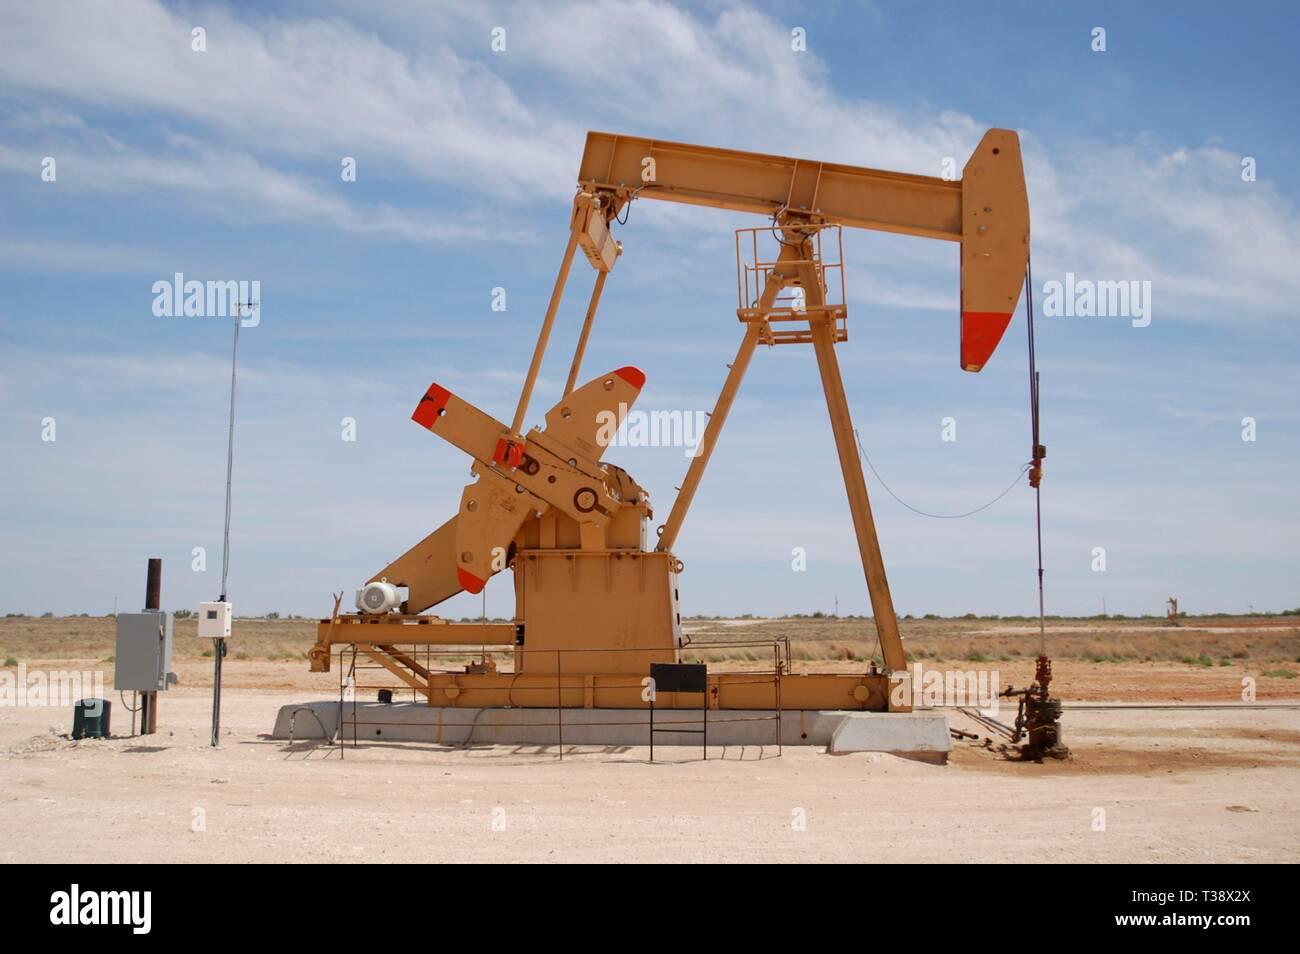 Pumping unit in Permian Basin oilfield near Midland, Texas